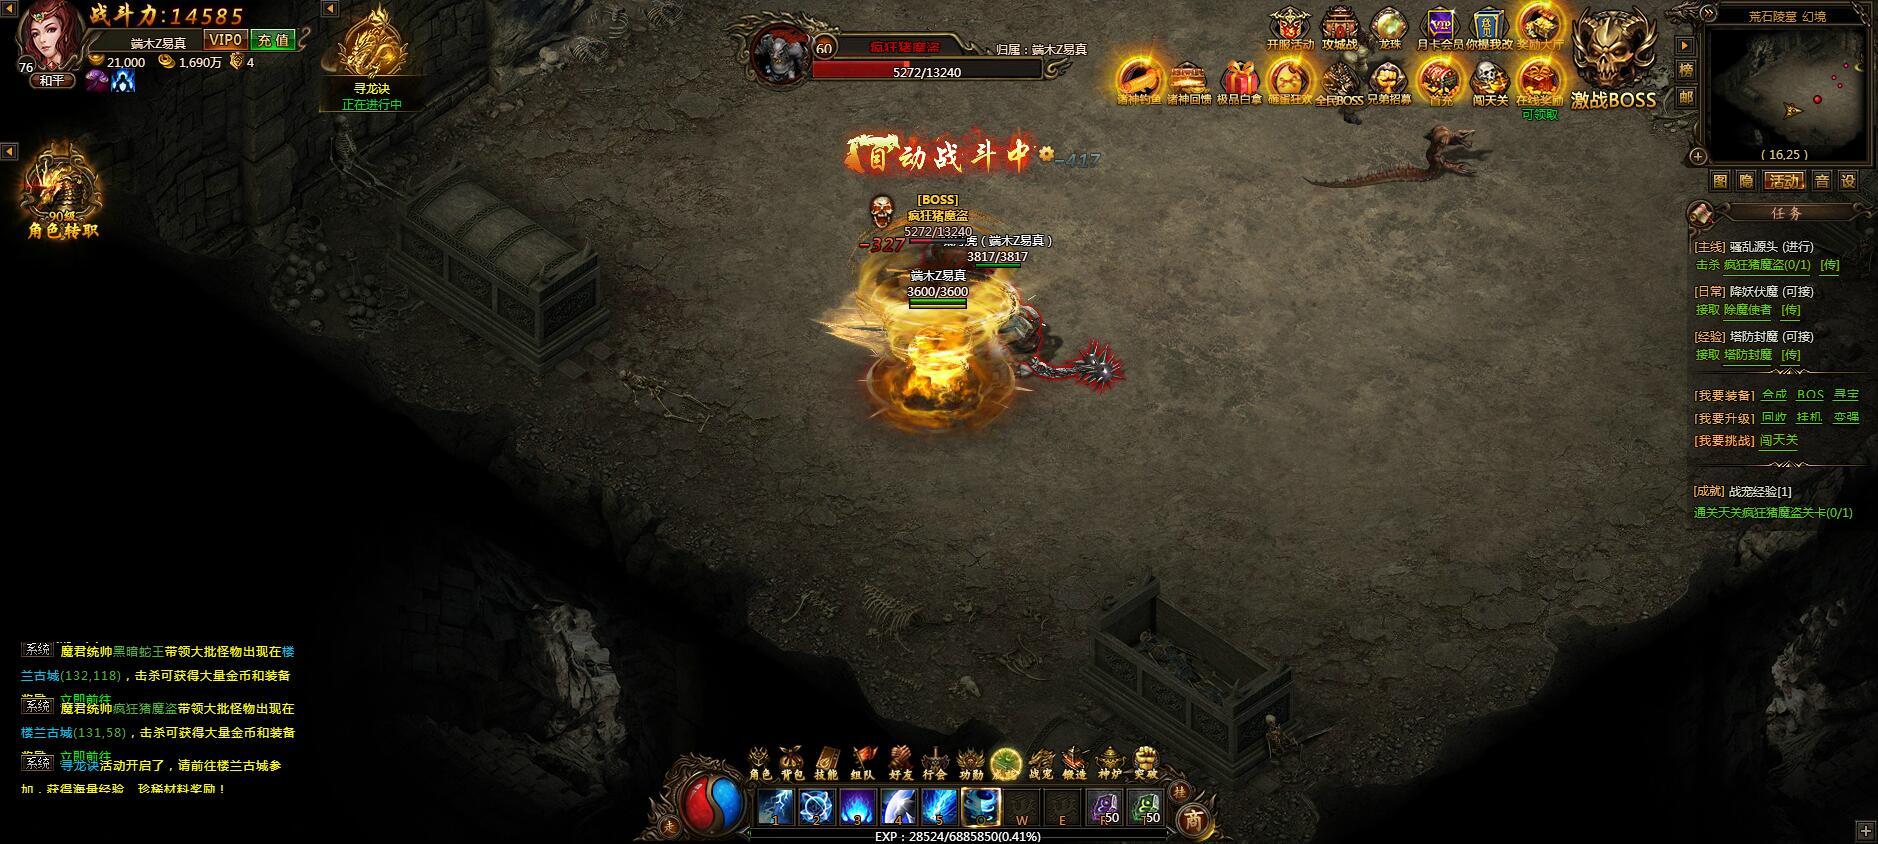 《烈焰战神》游戏截图